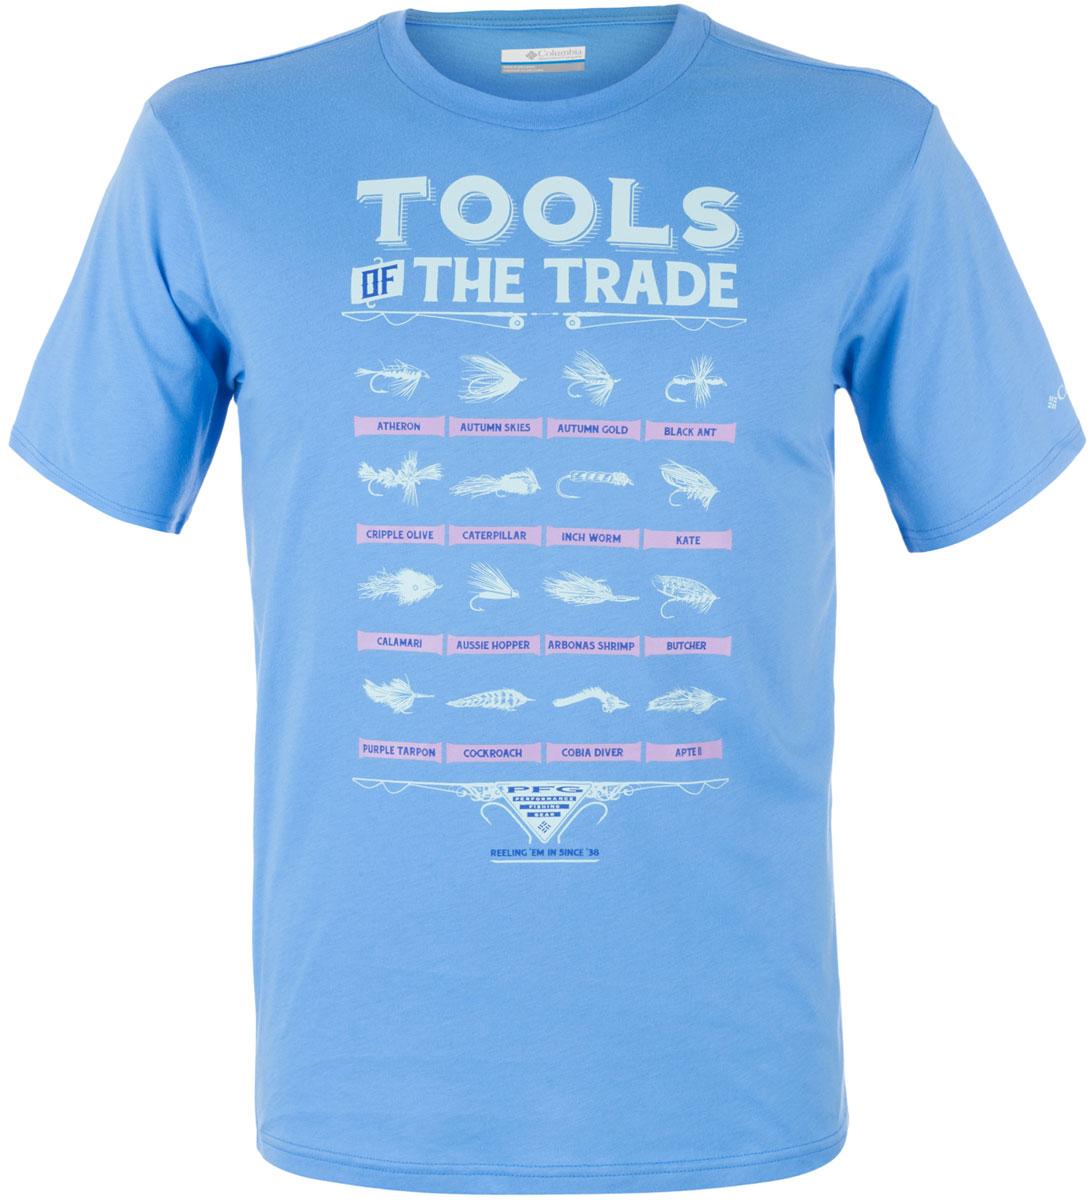 Футболка мужская Columbia PFG Tools Elements SS T-shirt , цвет: голубой. 1717221-475. Размер S (44/46)